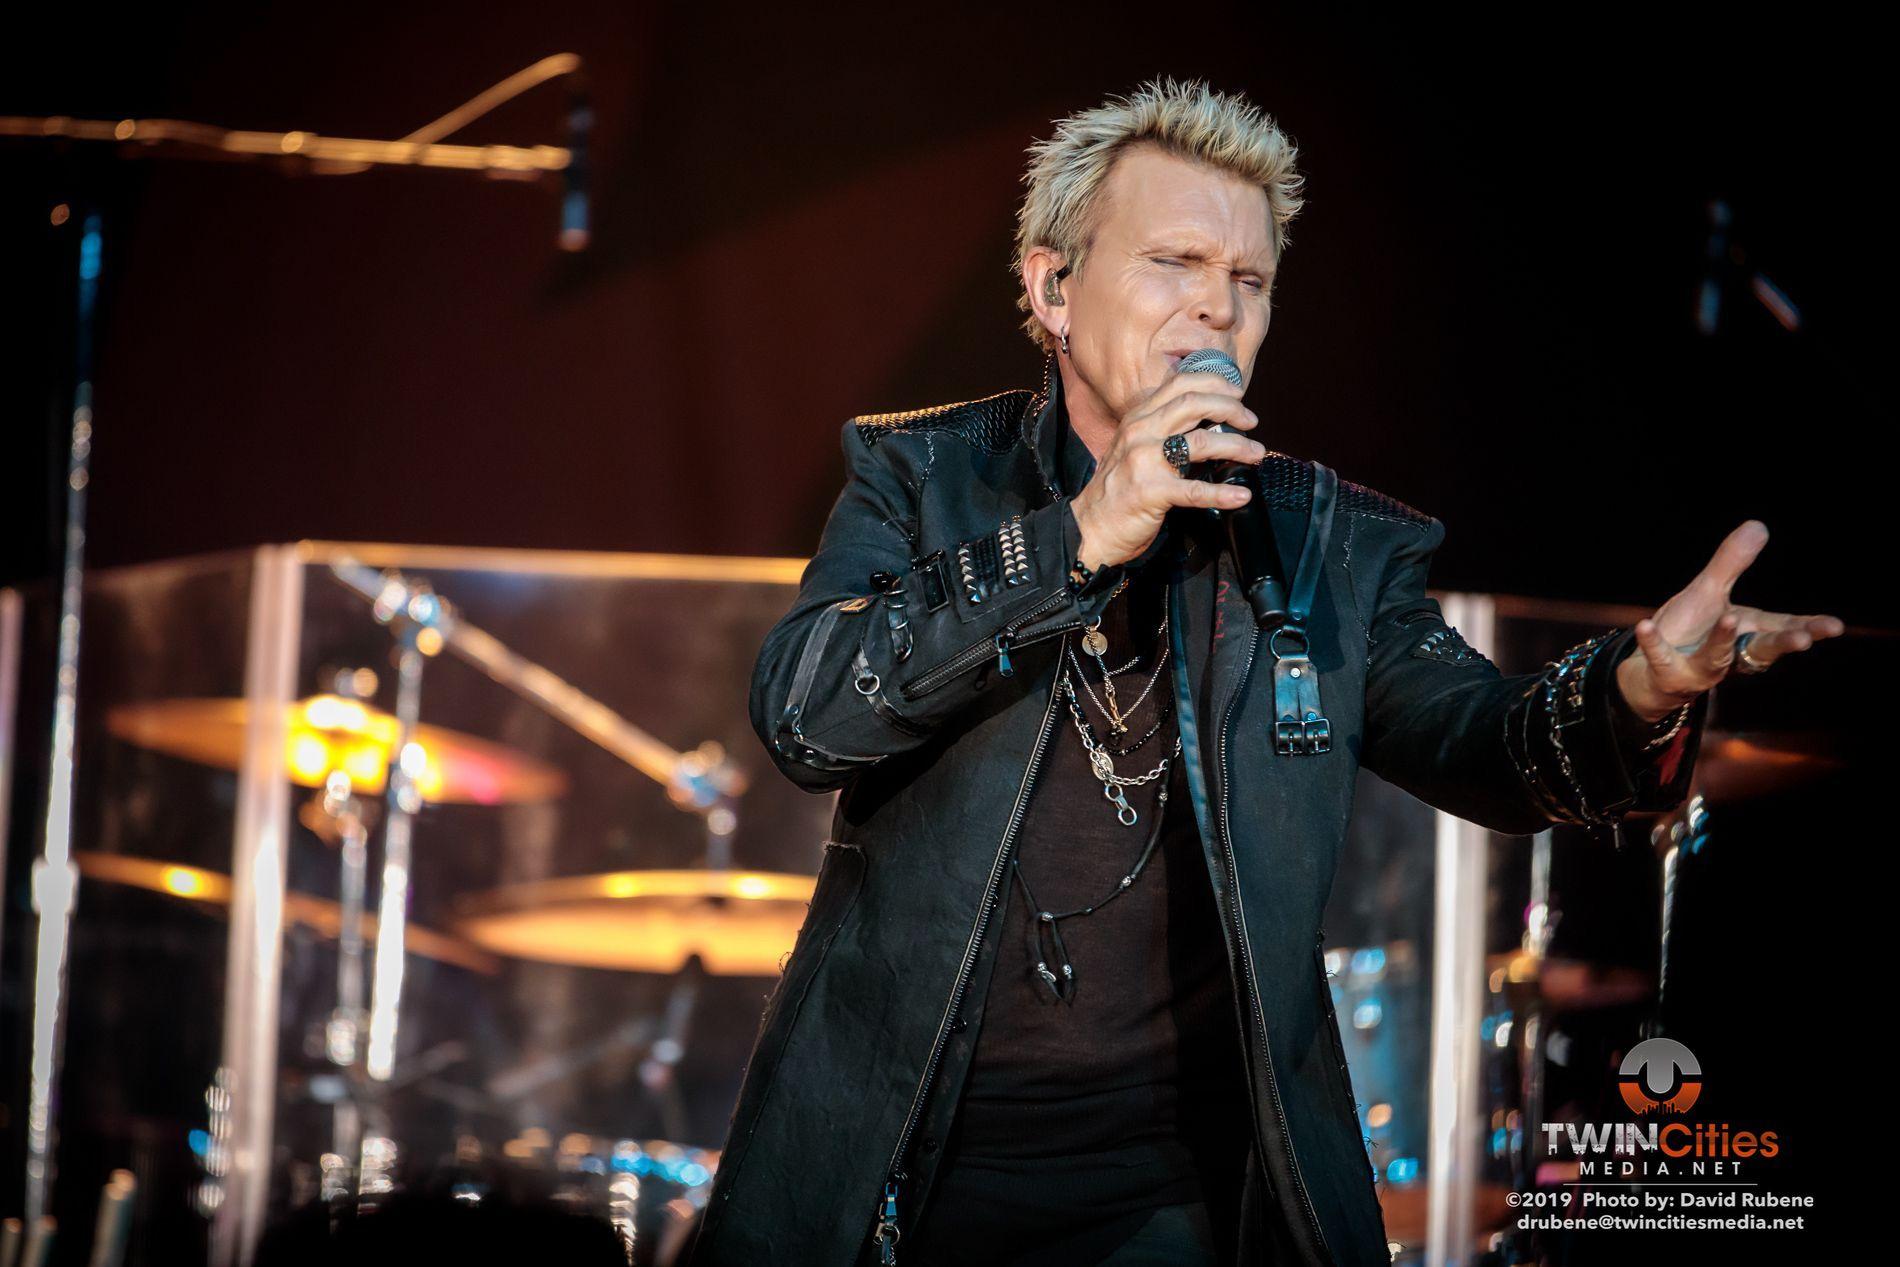 20190706-TCM-DRubene-Billy-Idol-115